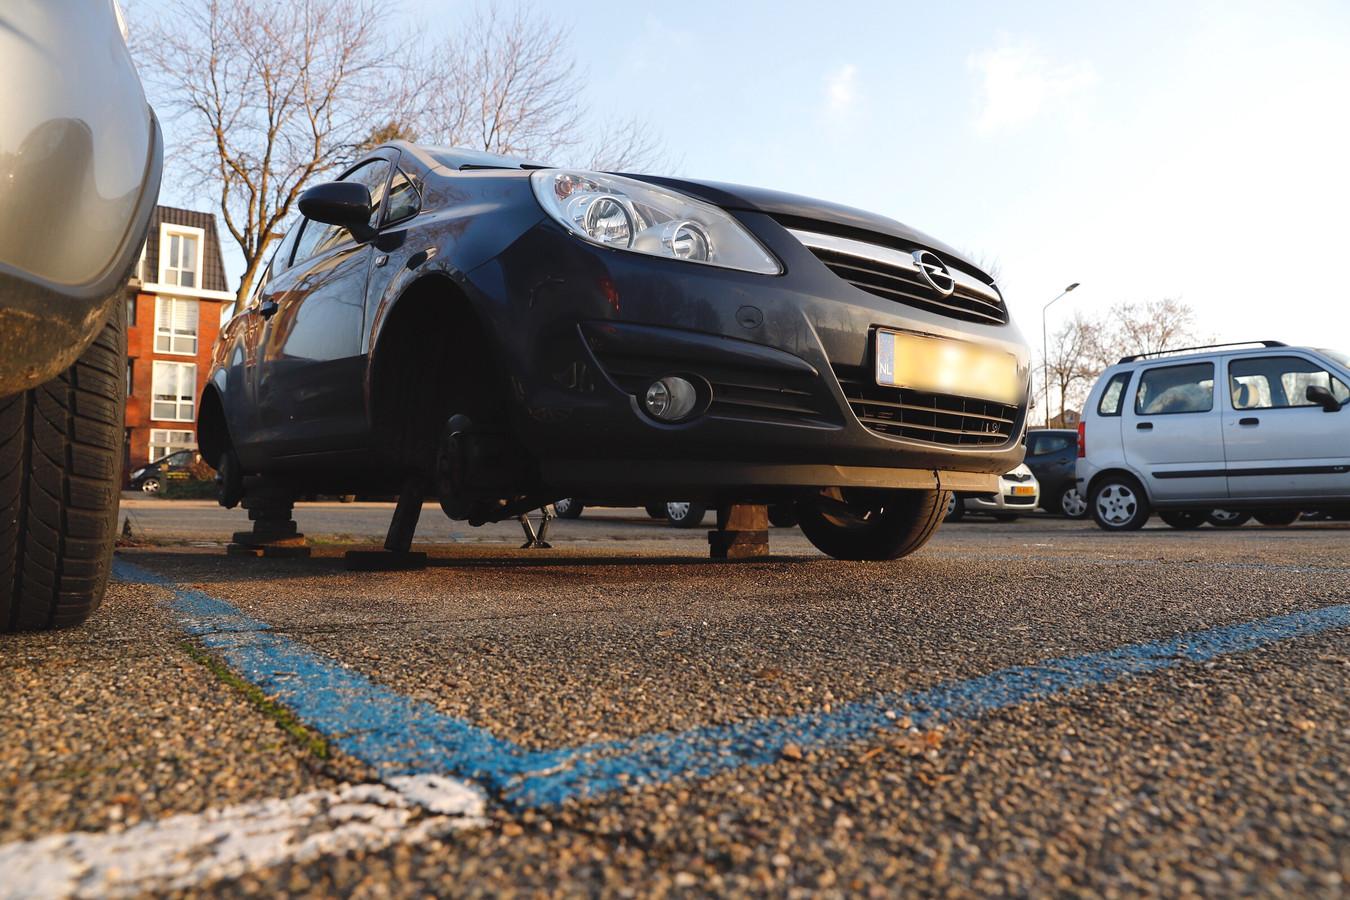 Aan de Zwaanstraat stond een auto op stenen. Drie wielen missen.